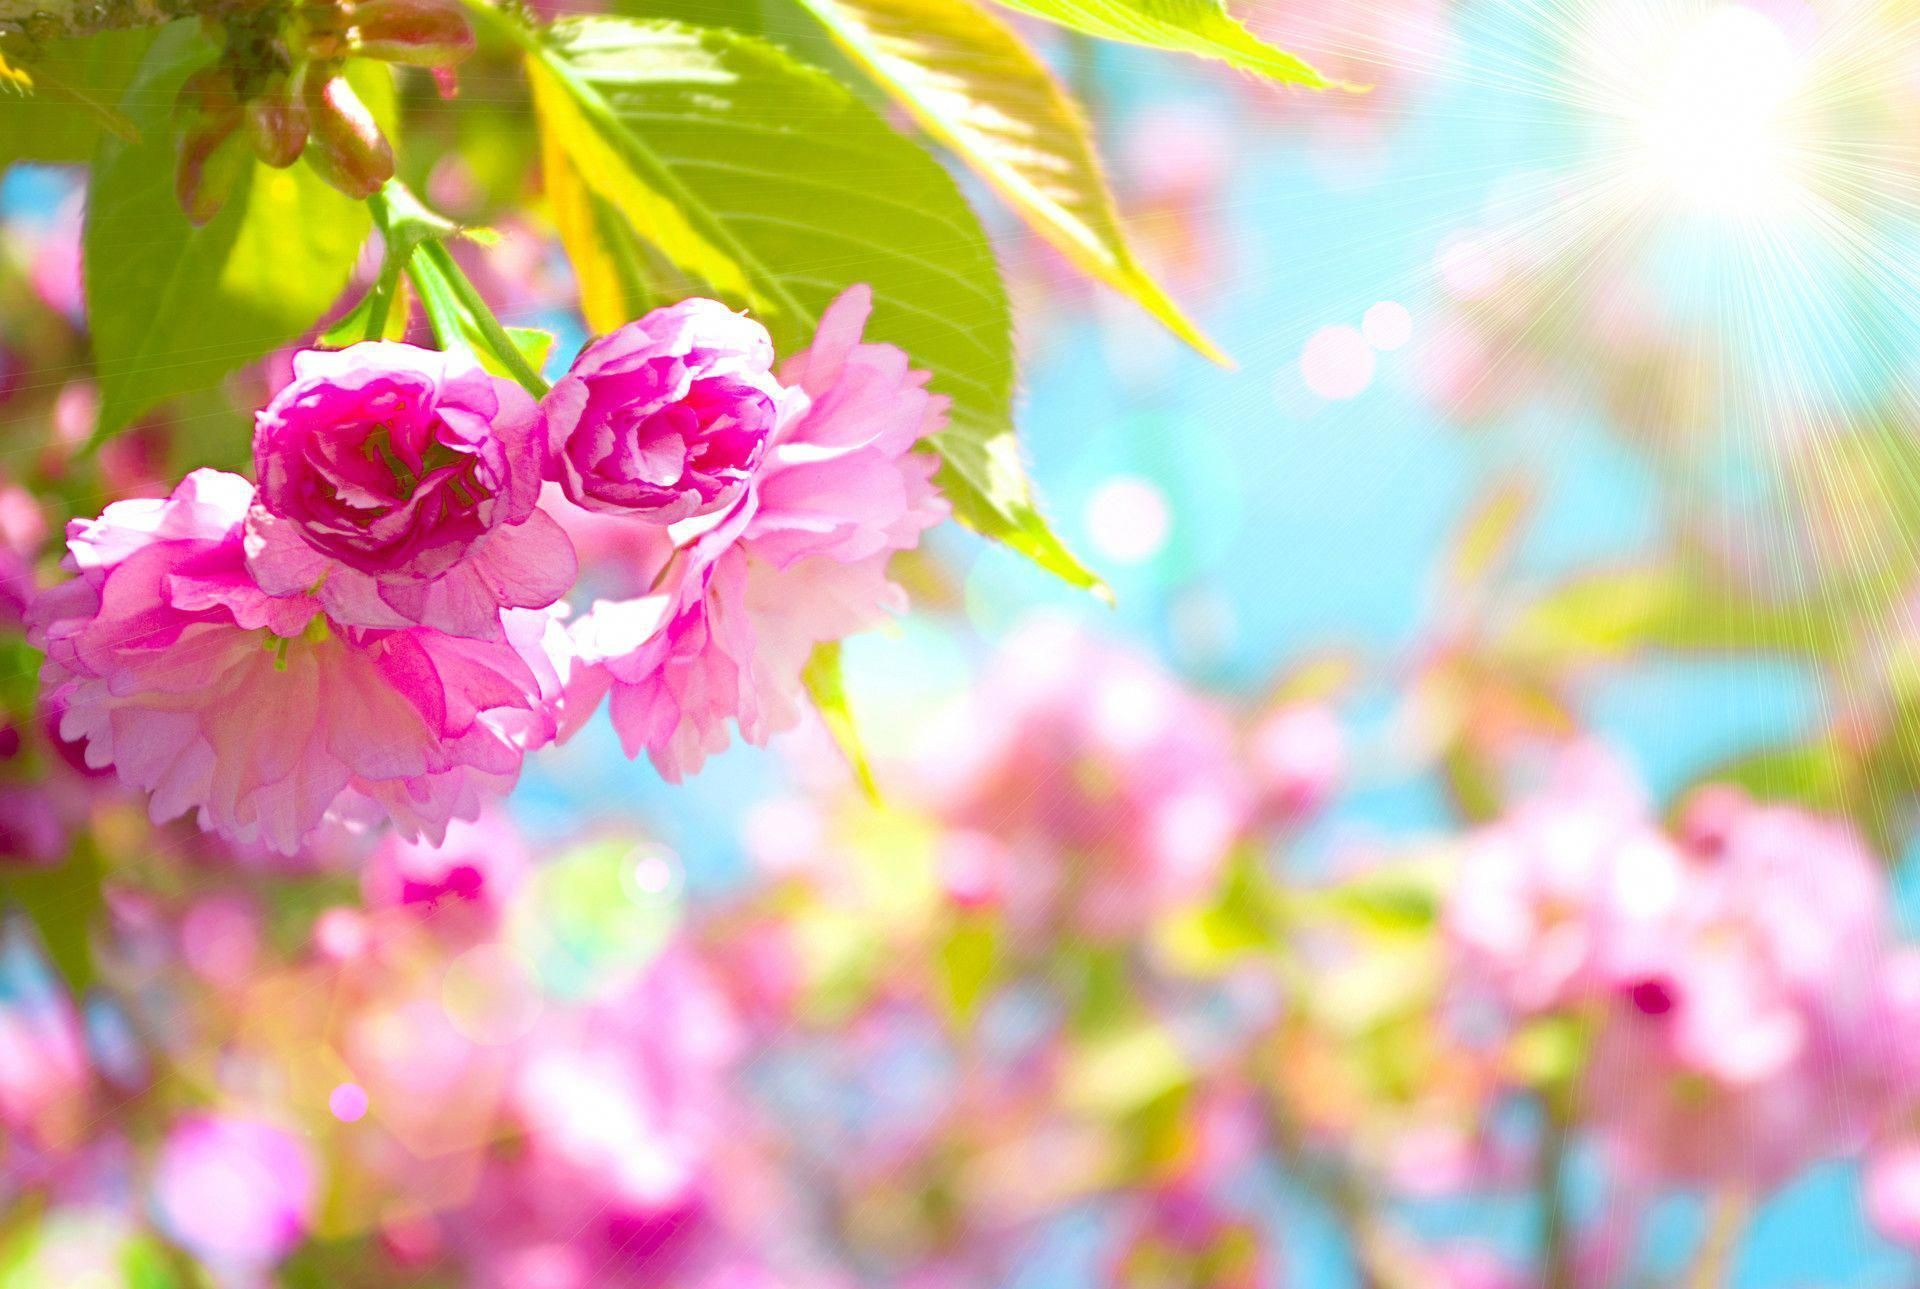 1920x1289 Free Spring Desktop Wallpaper Spring 79 Free Wallpapers Free Desktop Wallpapers Spring Desktop Wallpaper Spring Wallpaper Free Spring Wallpaper